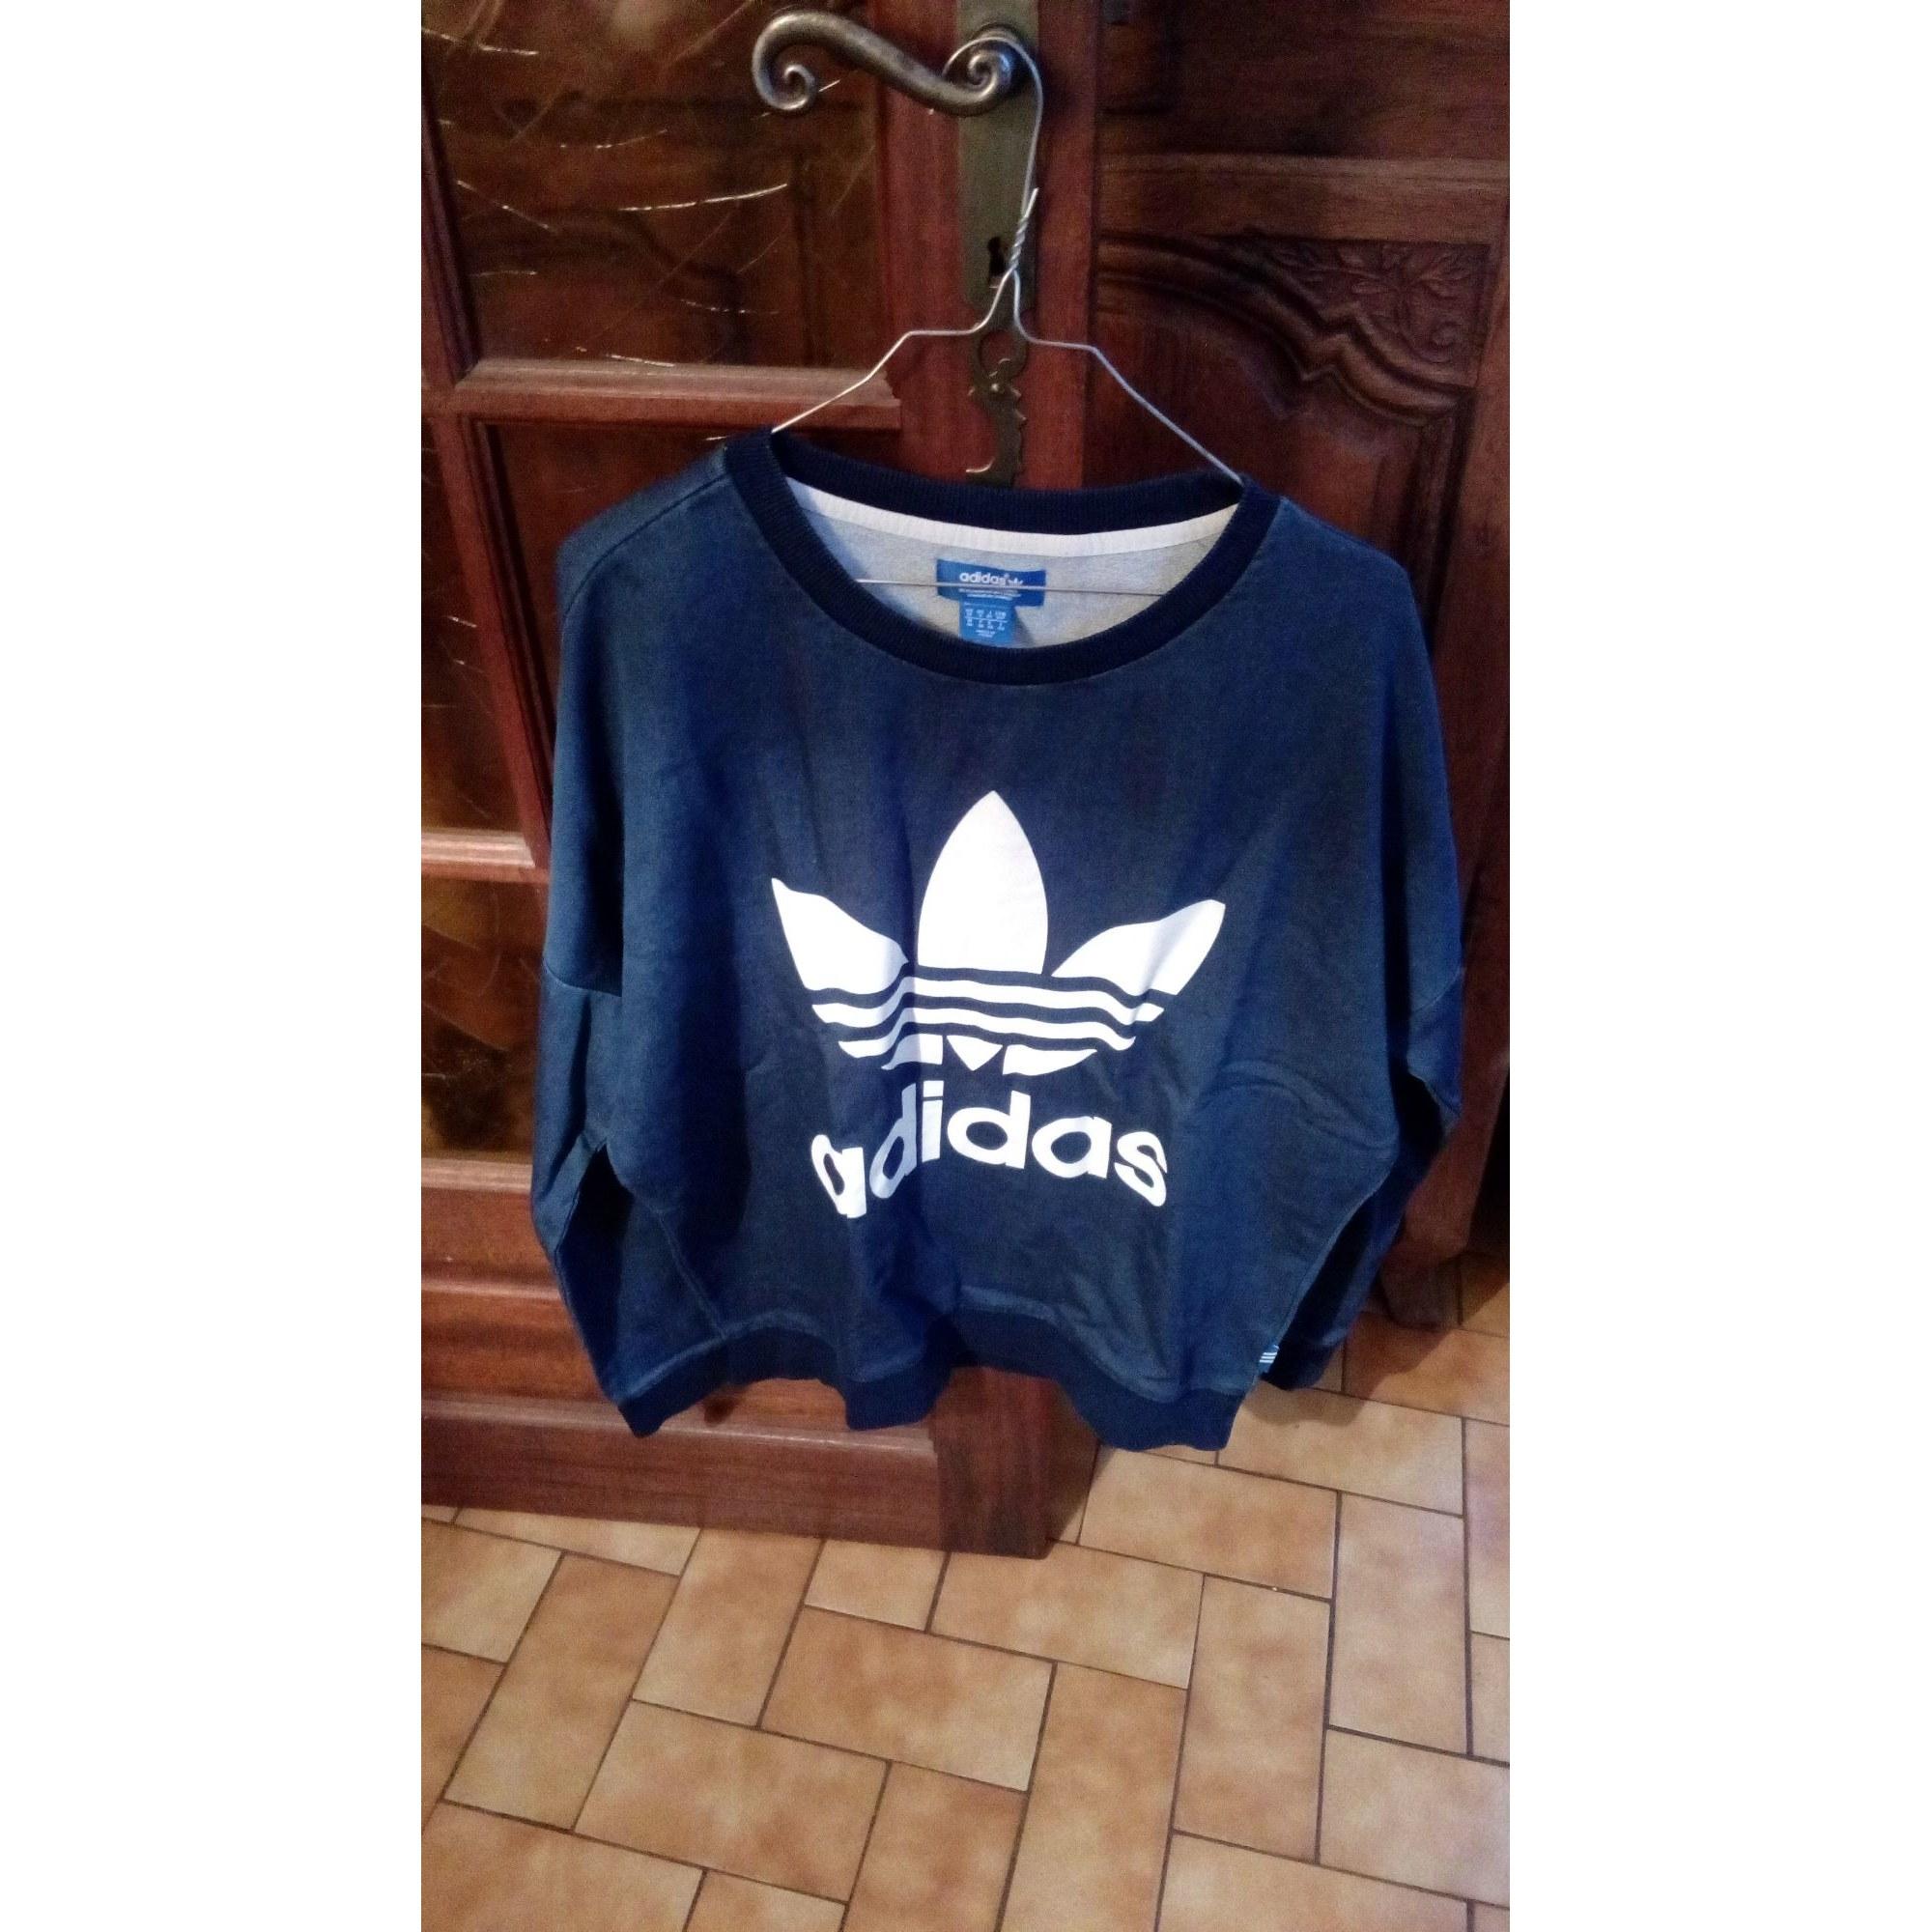 Sweat ADIDAS Bleu, bleu marine, bleu turquoise